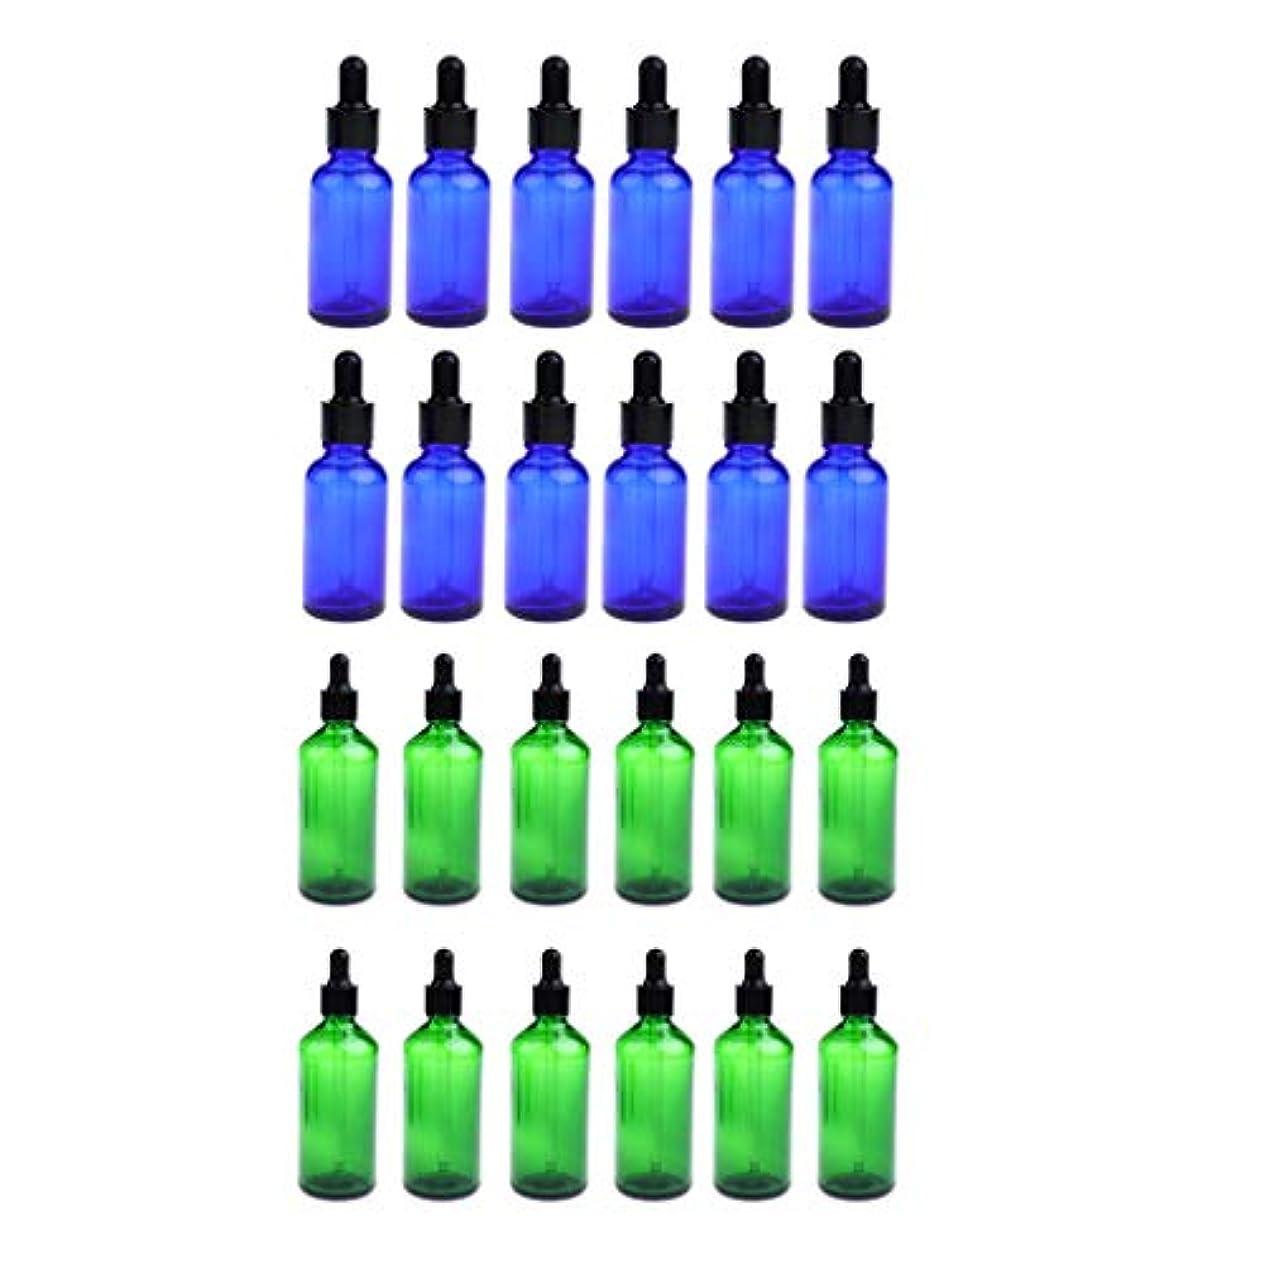 夕方賛辞ドリル24個 ガラス瓶 アロマボトル 空のボトル 精油瓶 遮光ビン エッセンシャルオイル 詰替え 液体容器 30ミリ 緑+青